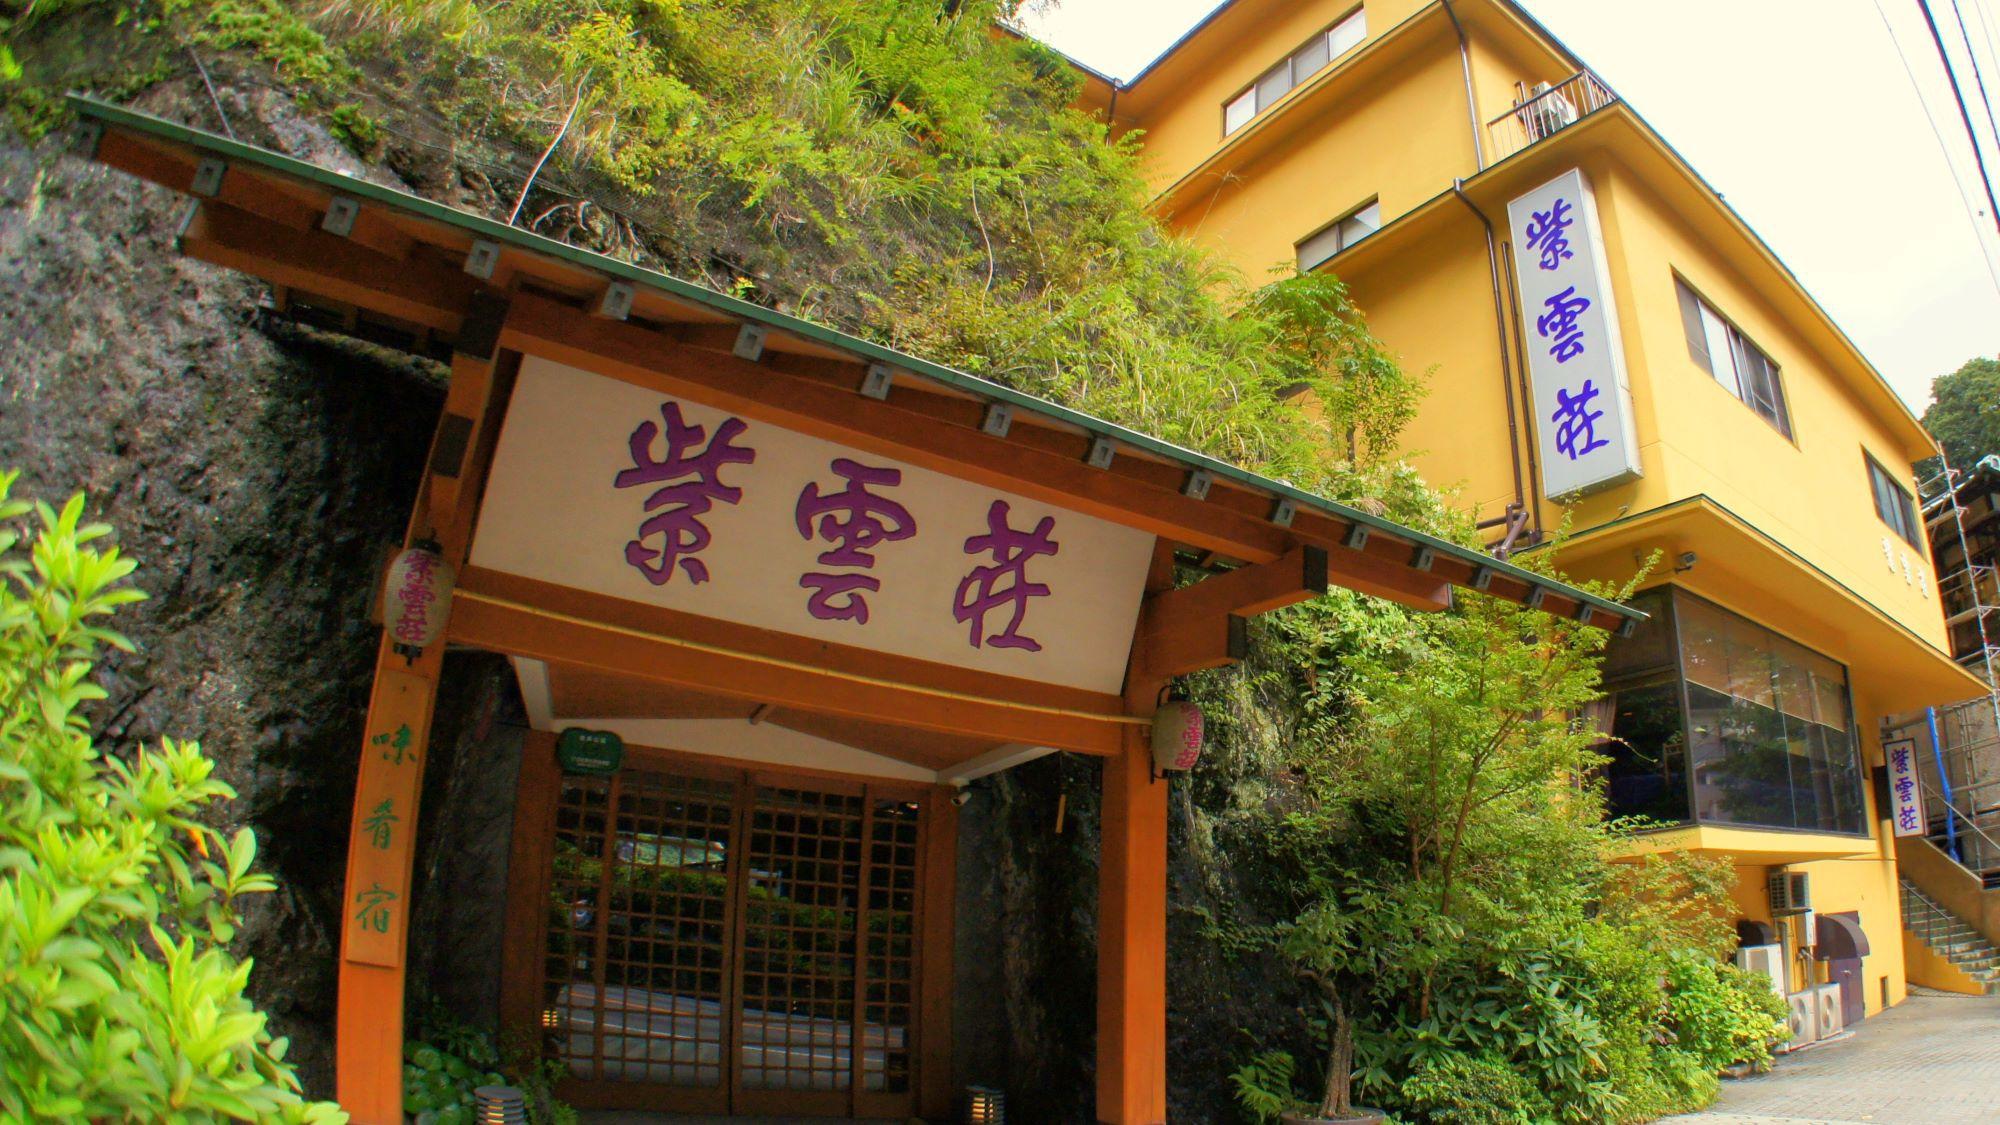 2月の平日に箱根温泉へ行きます